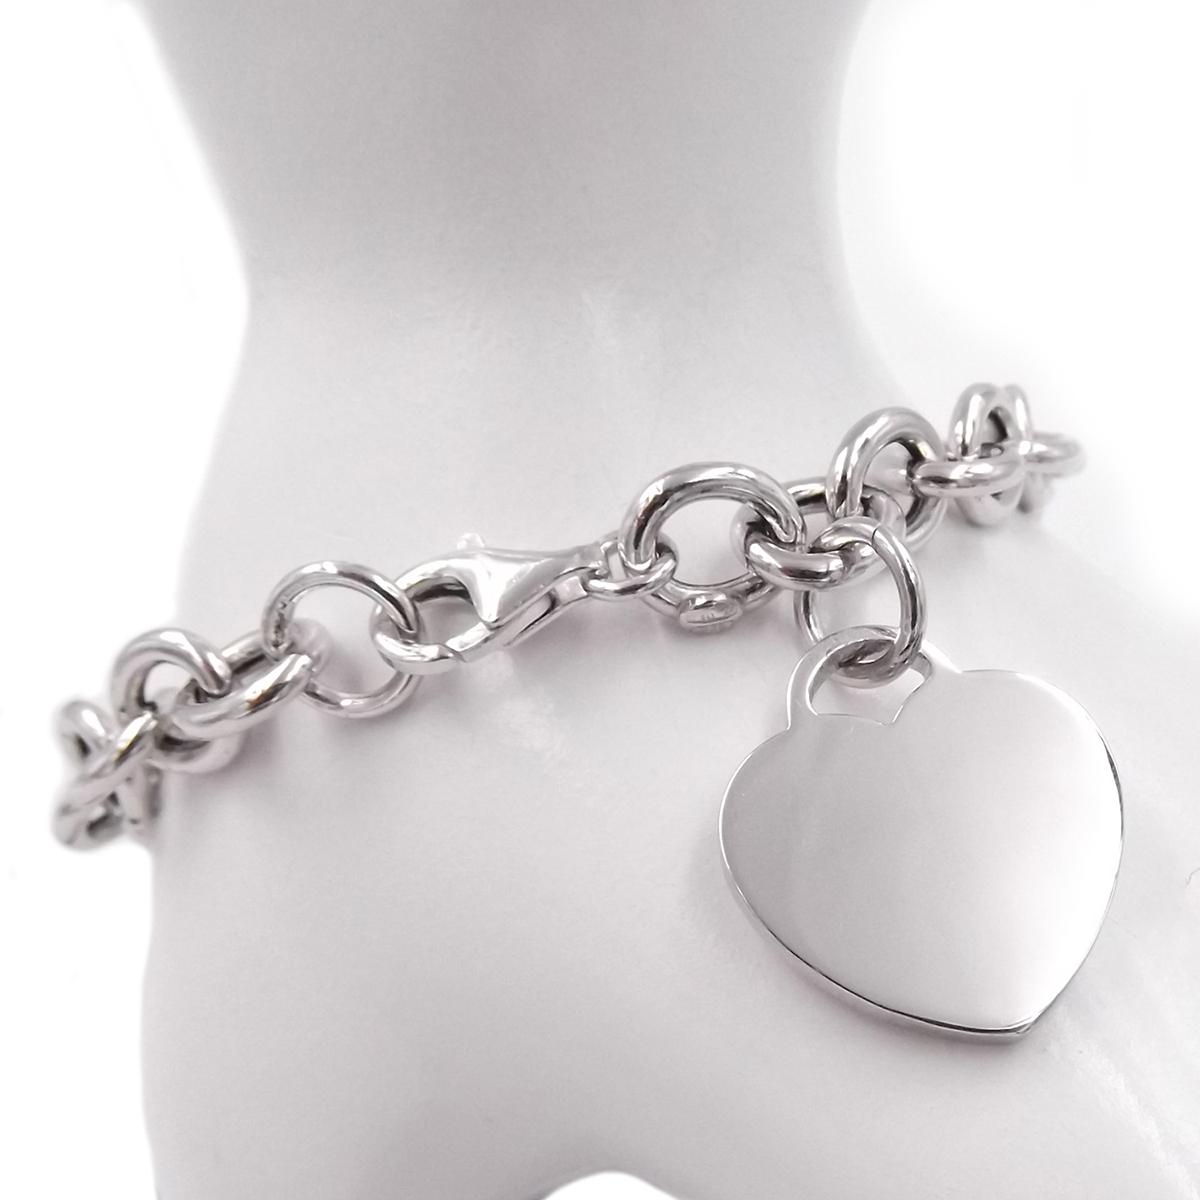 Damenarmband Silber Pl Anhänger Herze  Schmuck Bettelarmband Neu